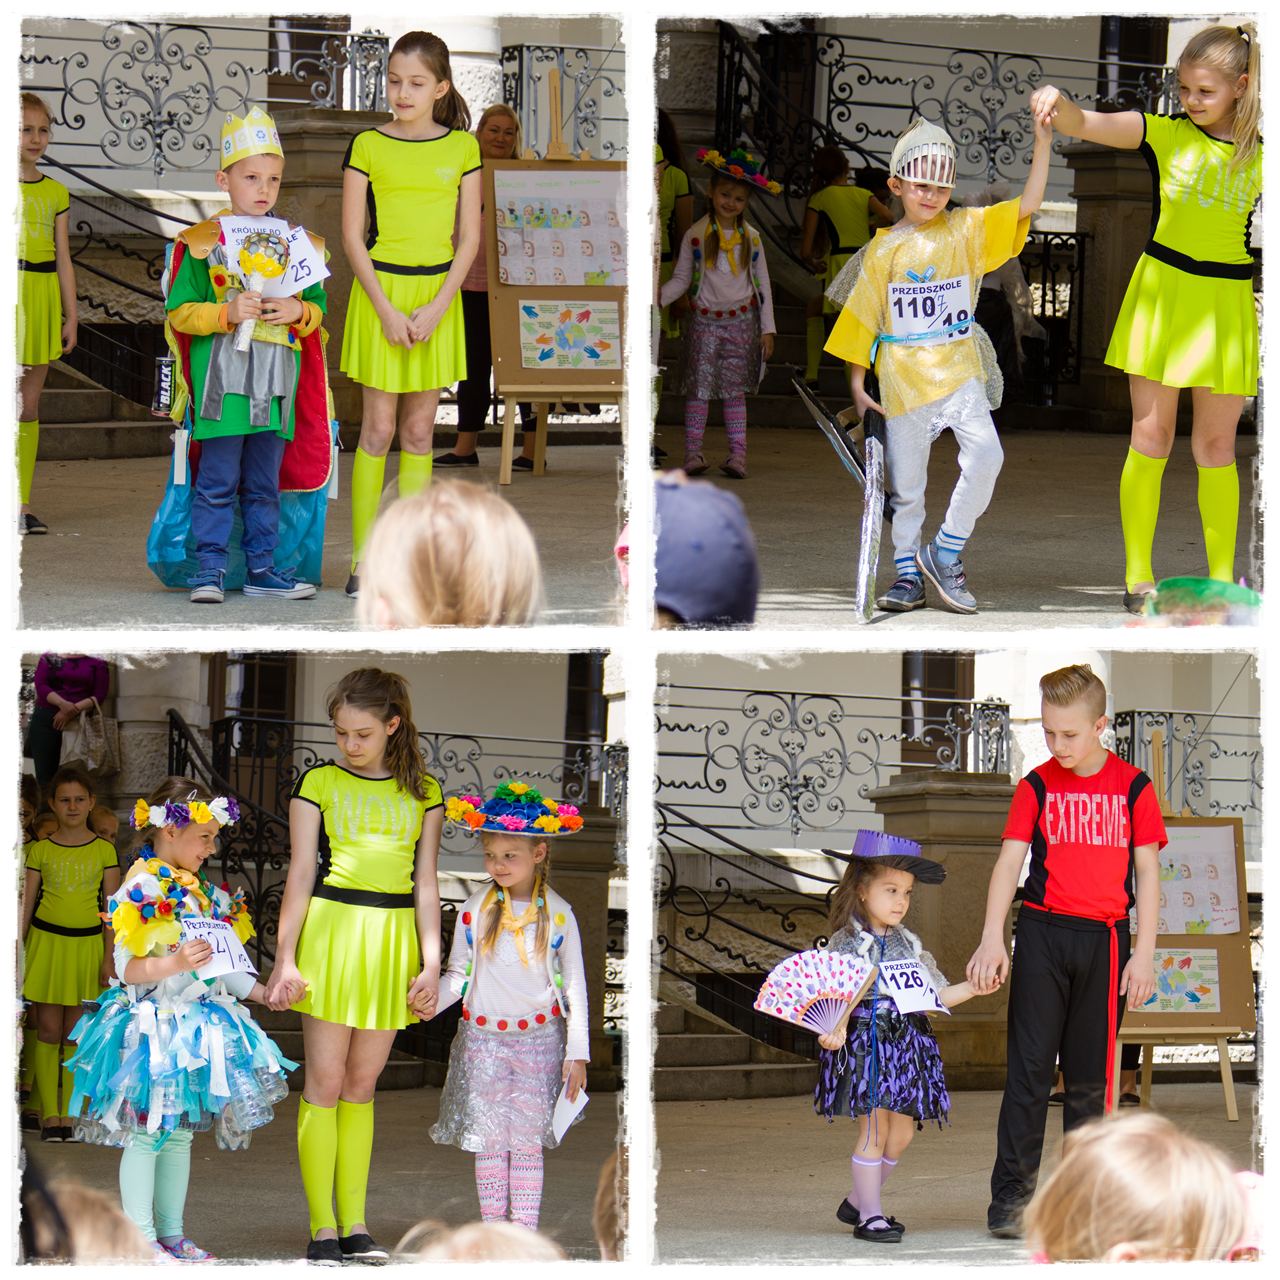 Strój ekologiczny wykonany z odpadów  w ramach recyklingu - aktywizacja dzieci na rzecz ochrony przyrody - Wrocławskie Dzieci Uczą Segregować Śmieci 2017